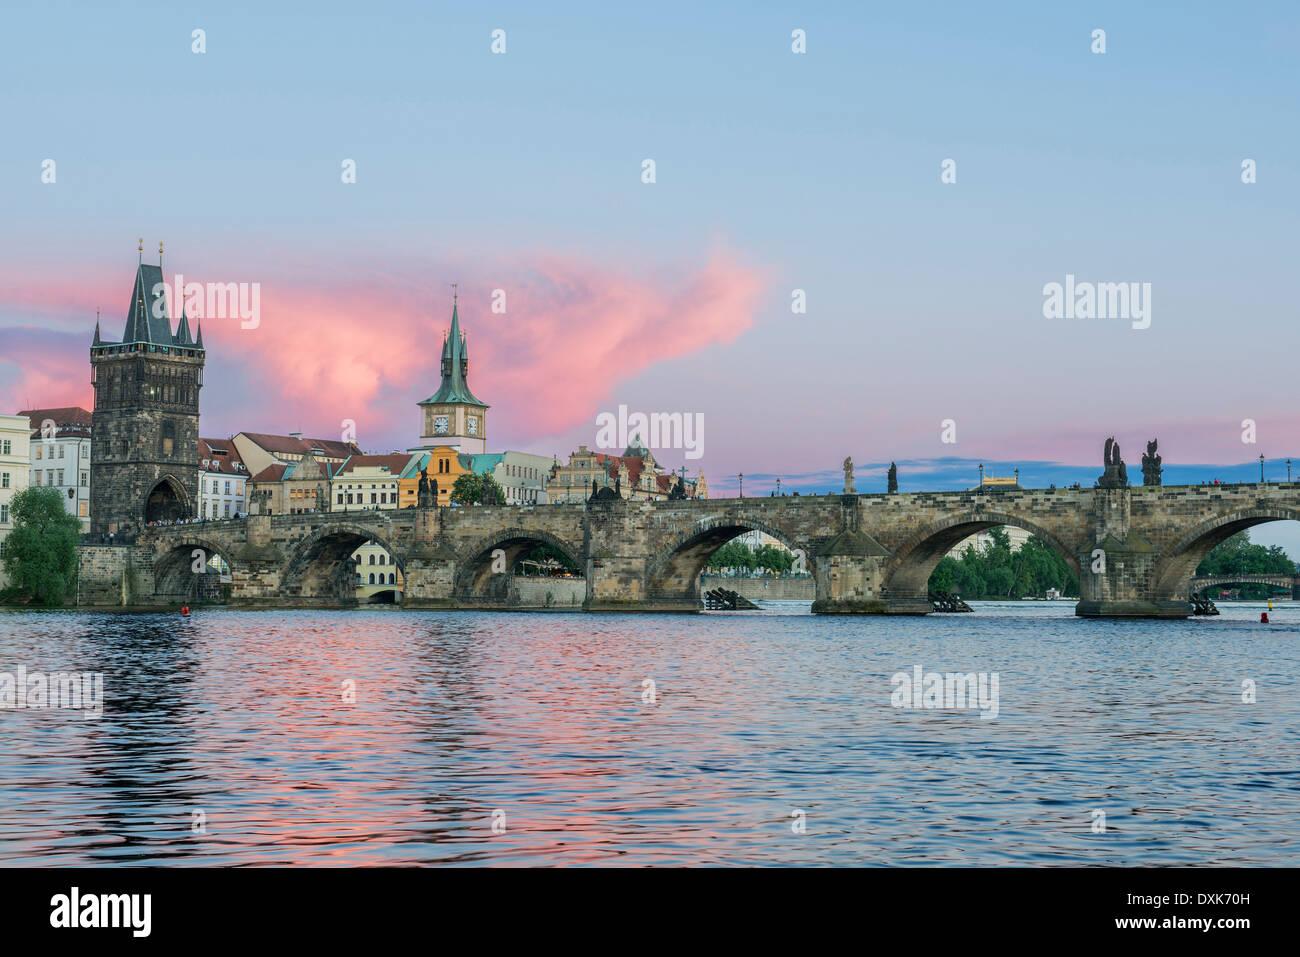 Puente de Carlos y de la ciudad al atardecer, Praga, República Checa Imagen De Stock